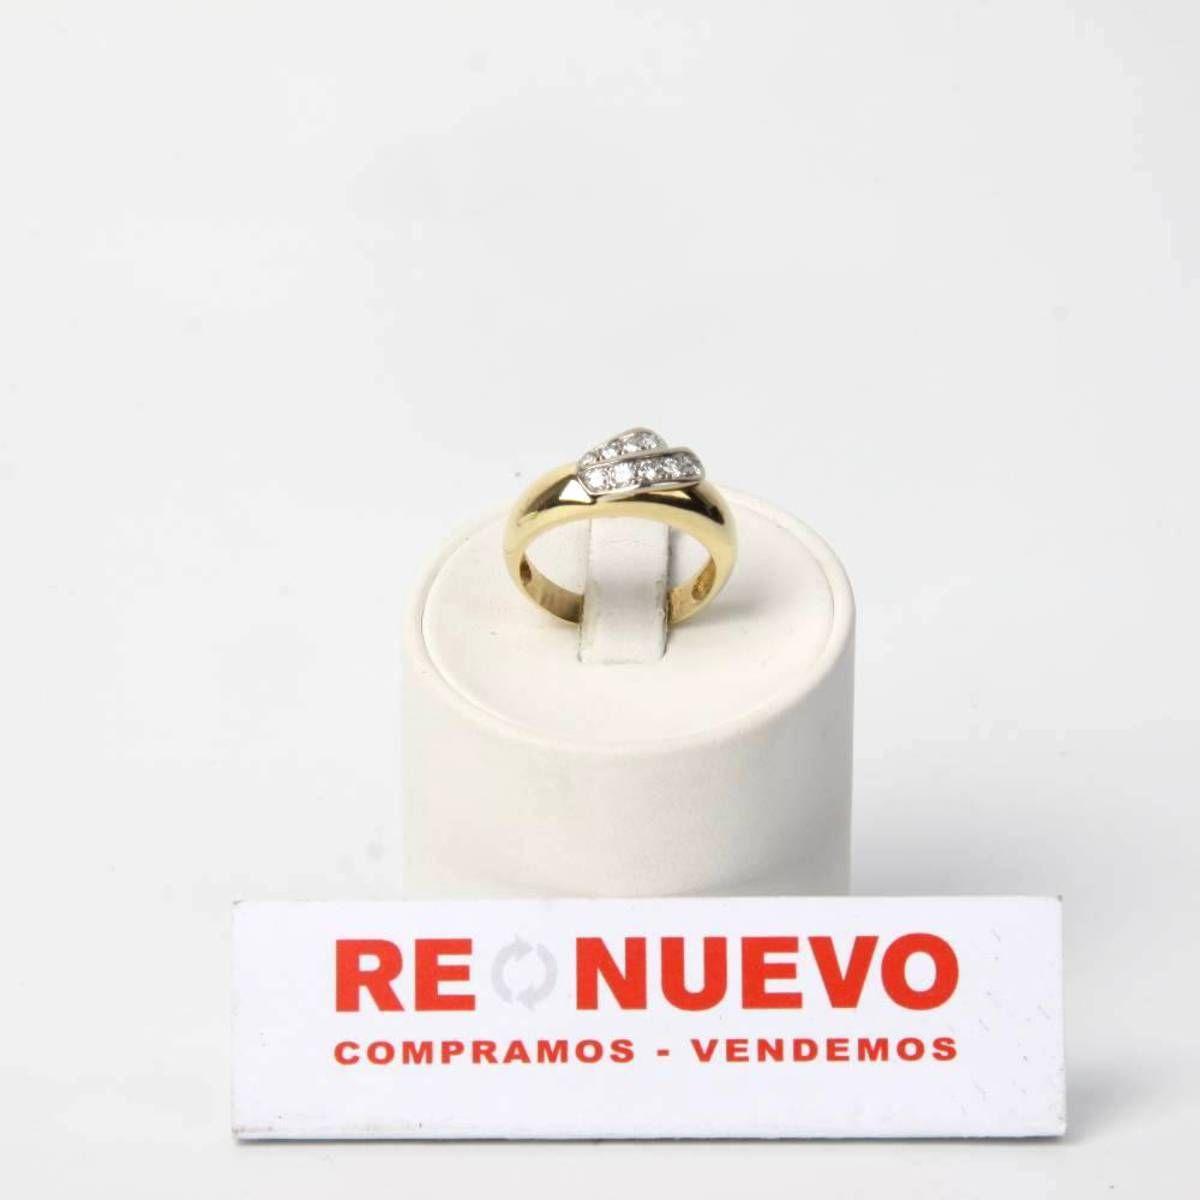 Anillo de oro bicolor con diamantes de segunda mano E274462G | Tienda online de segunda mano en Barcelona Re-Nuevo